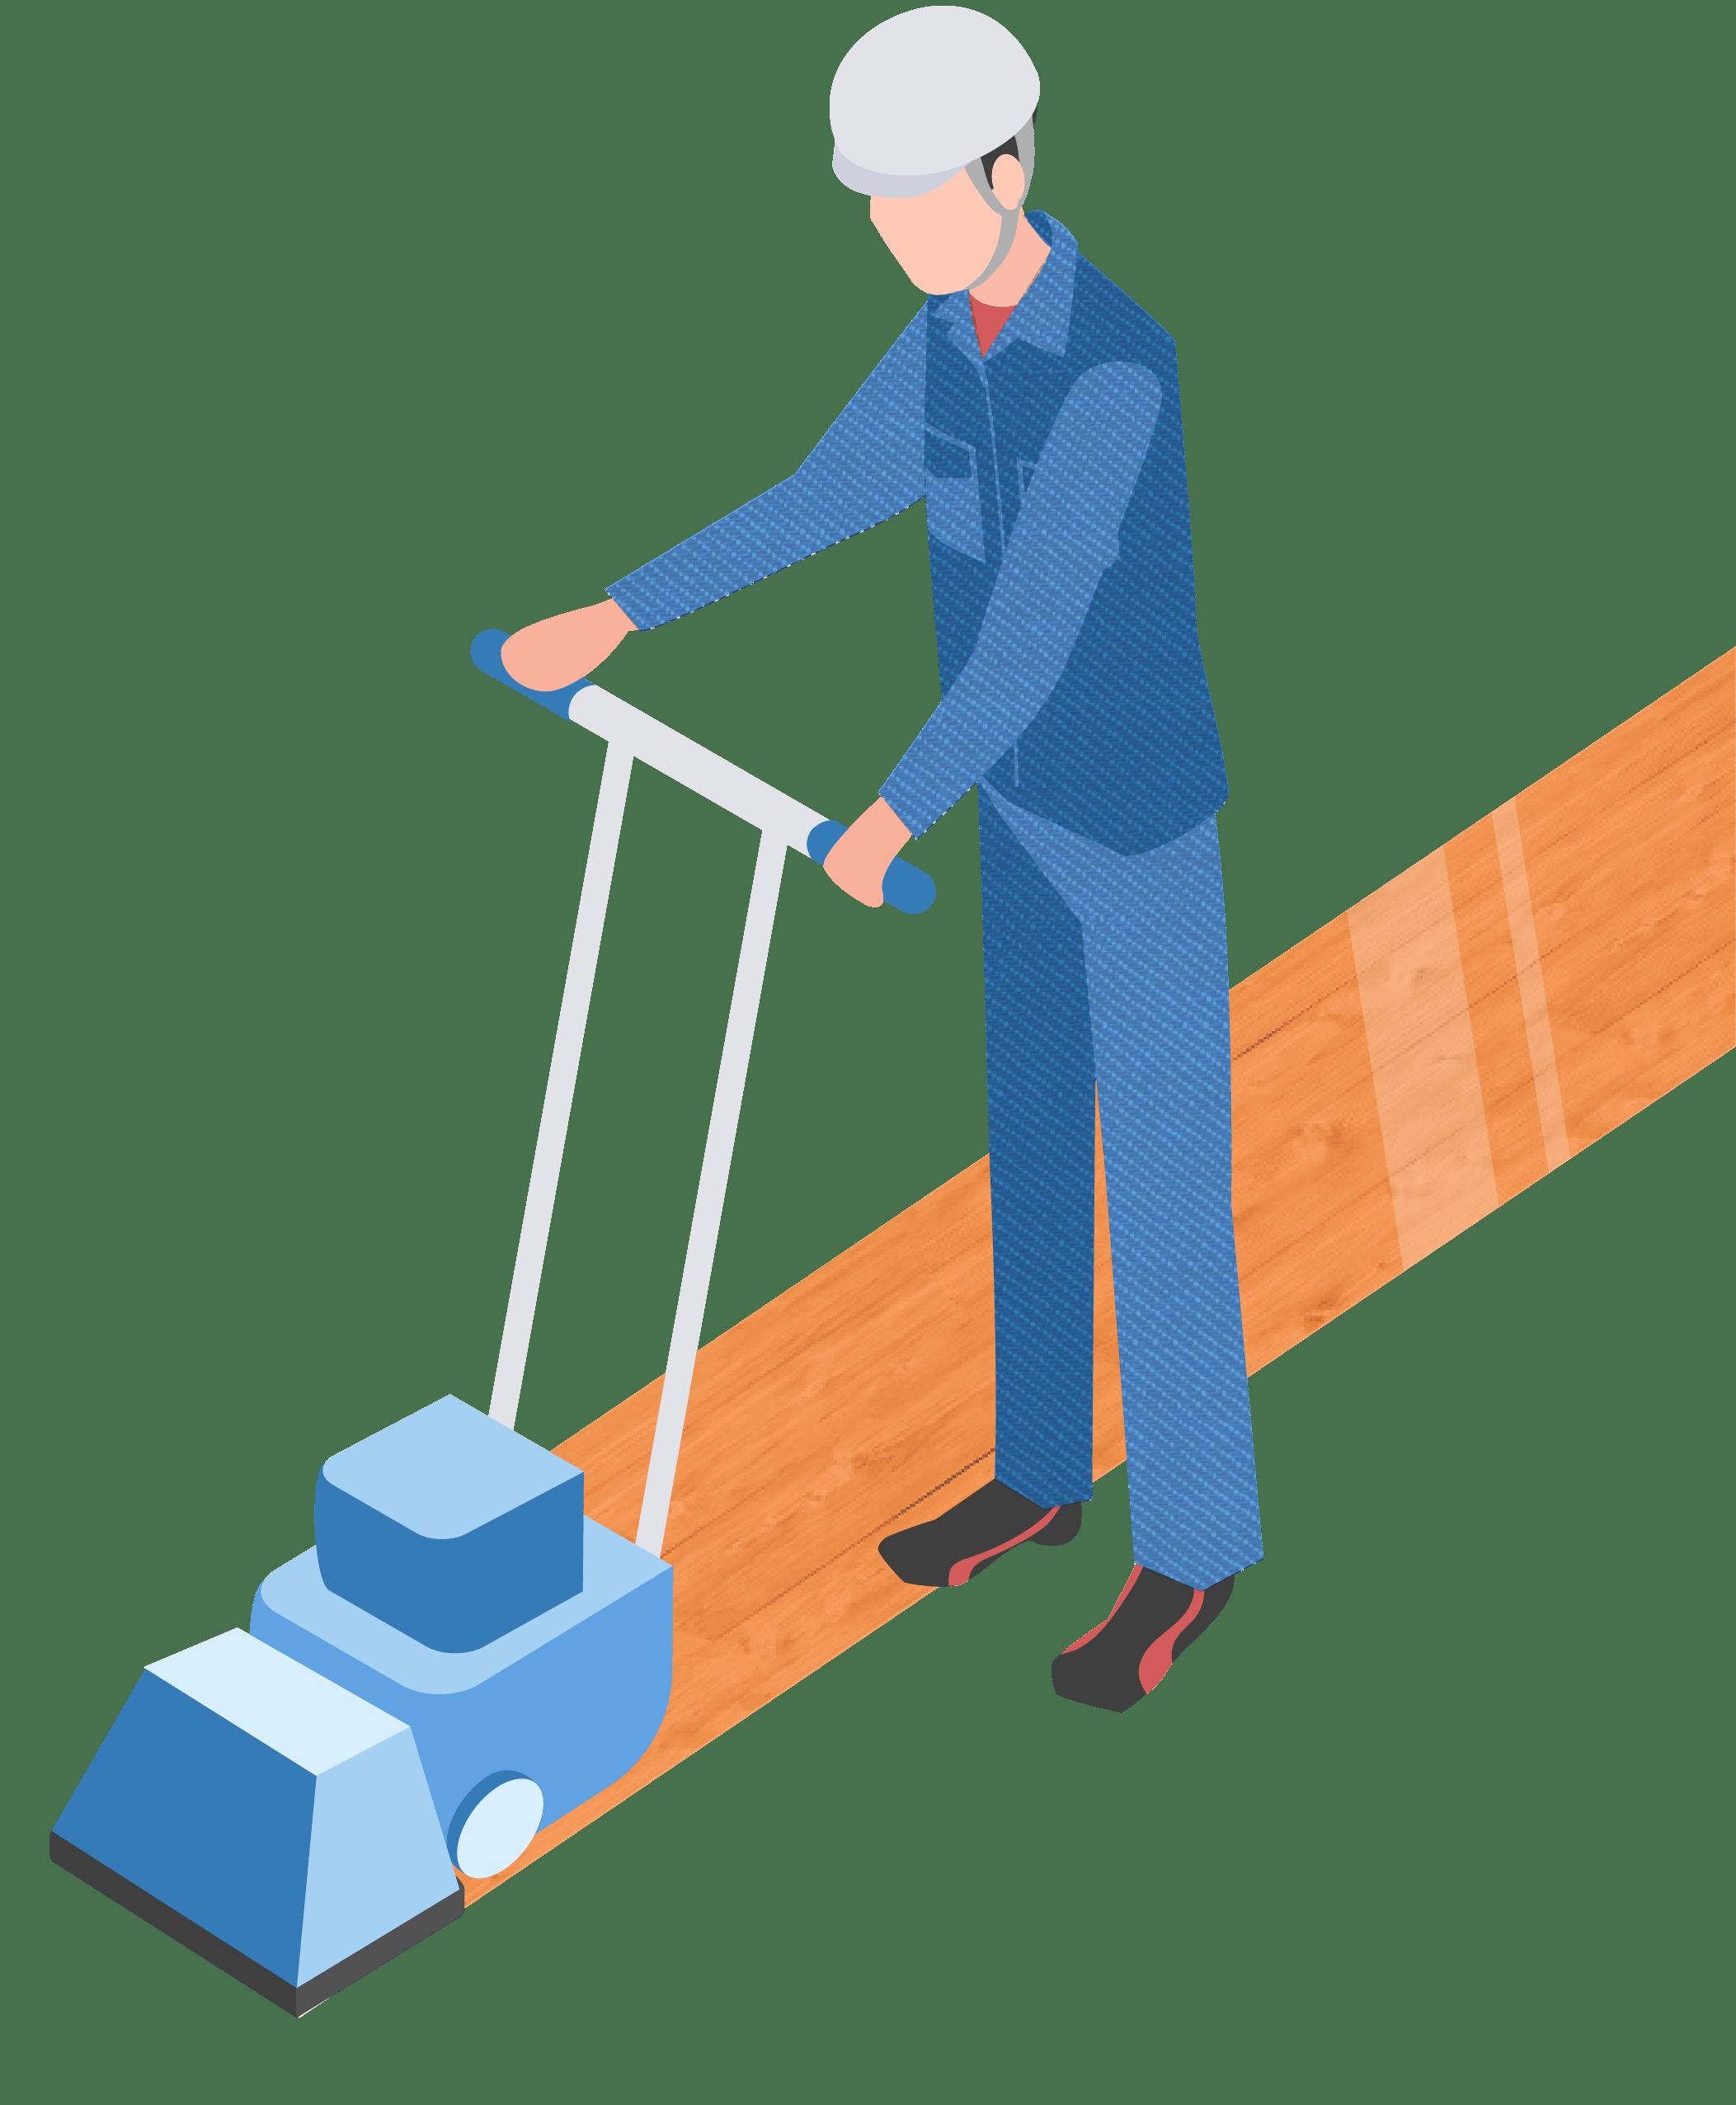 サンディング:従業員の方が床を清掃しているイメージ